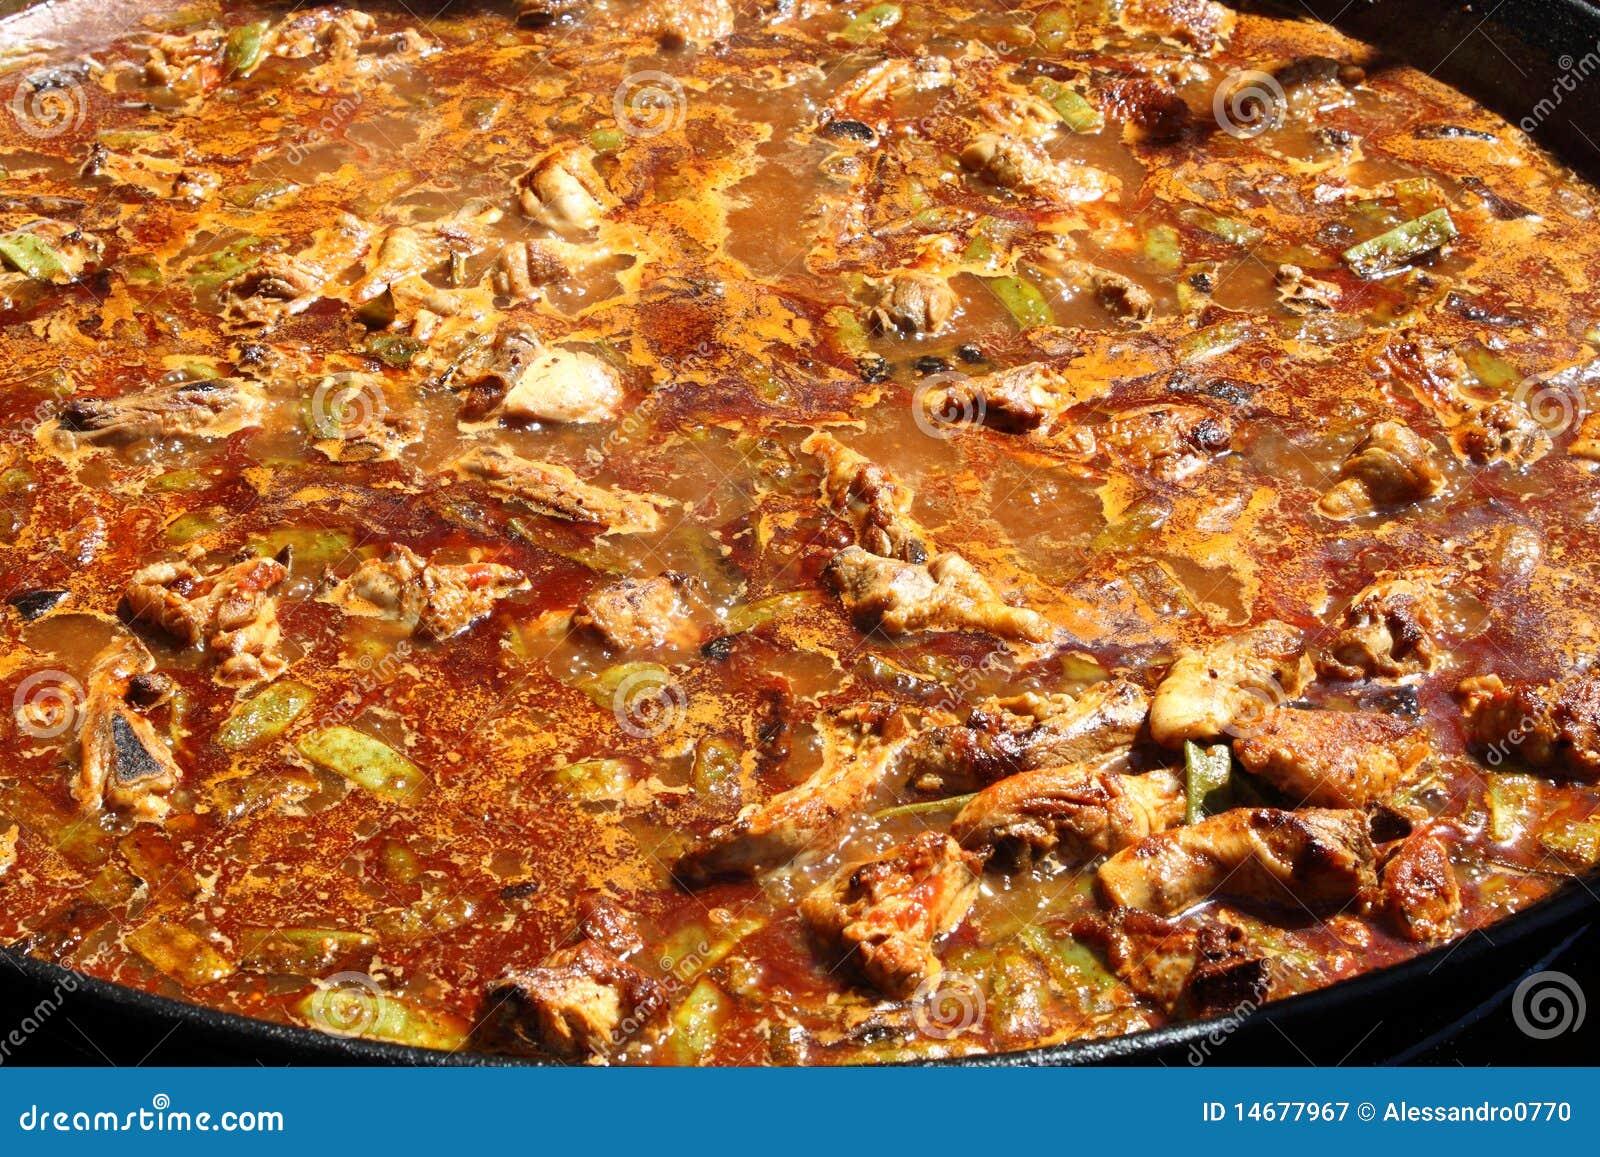 Het creoolse kip koken royalty vrije stock fotografie beeld 14677967 for Beeldkoken